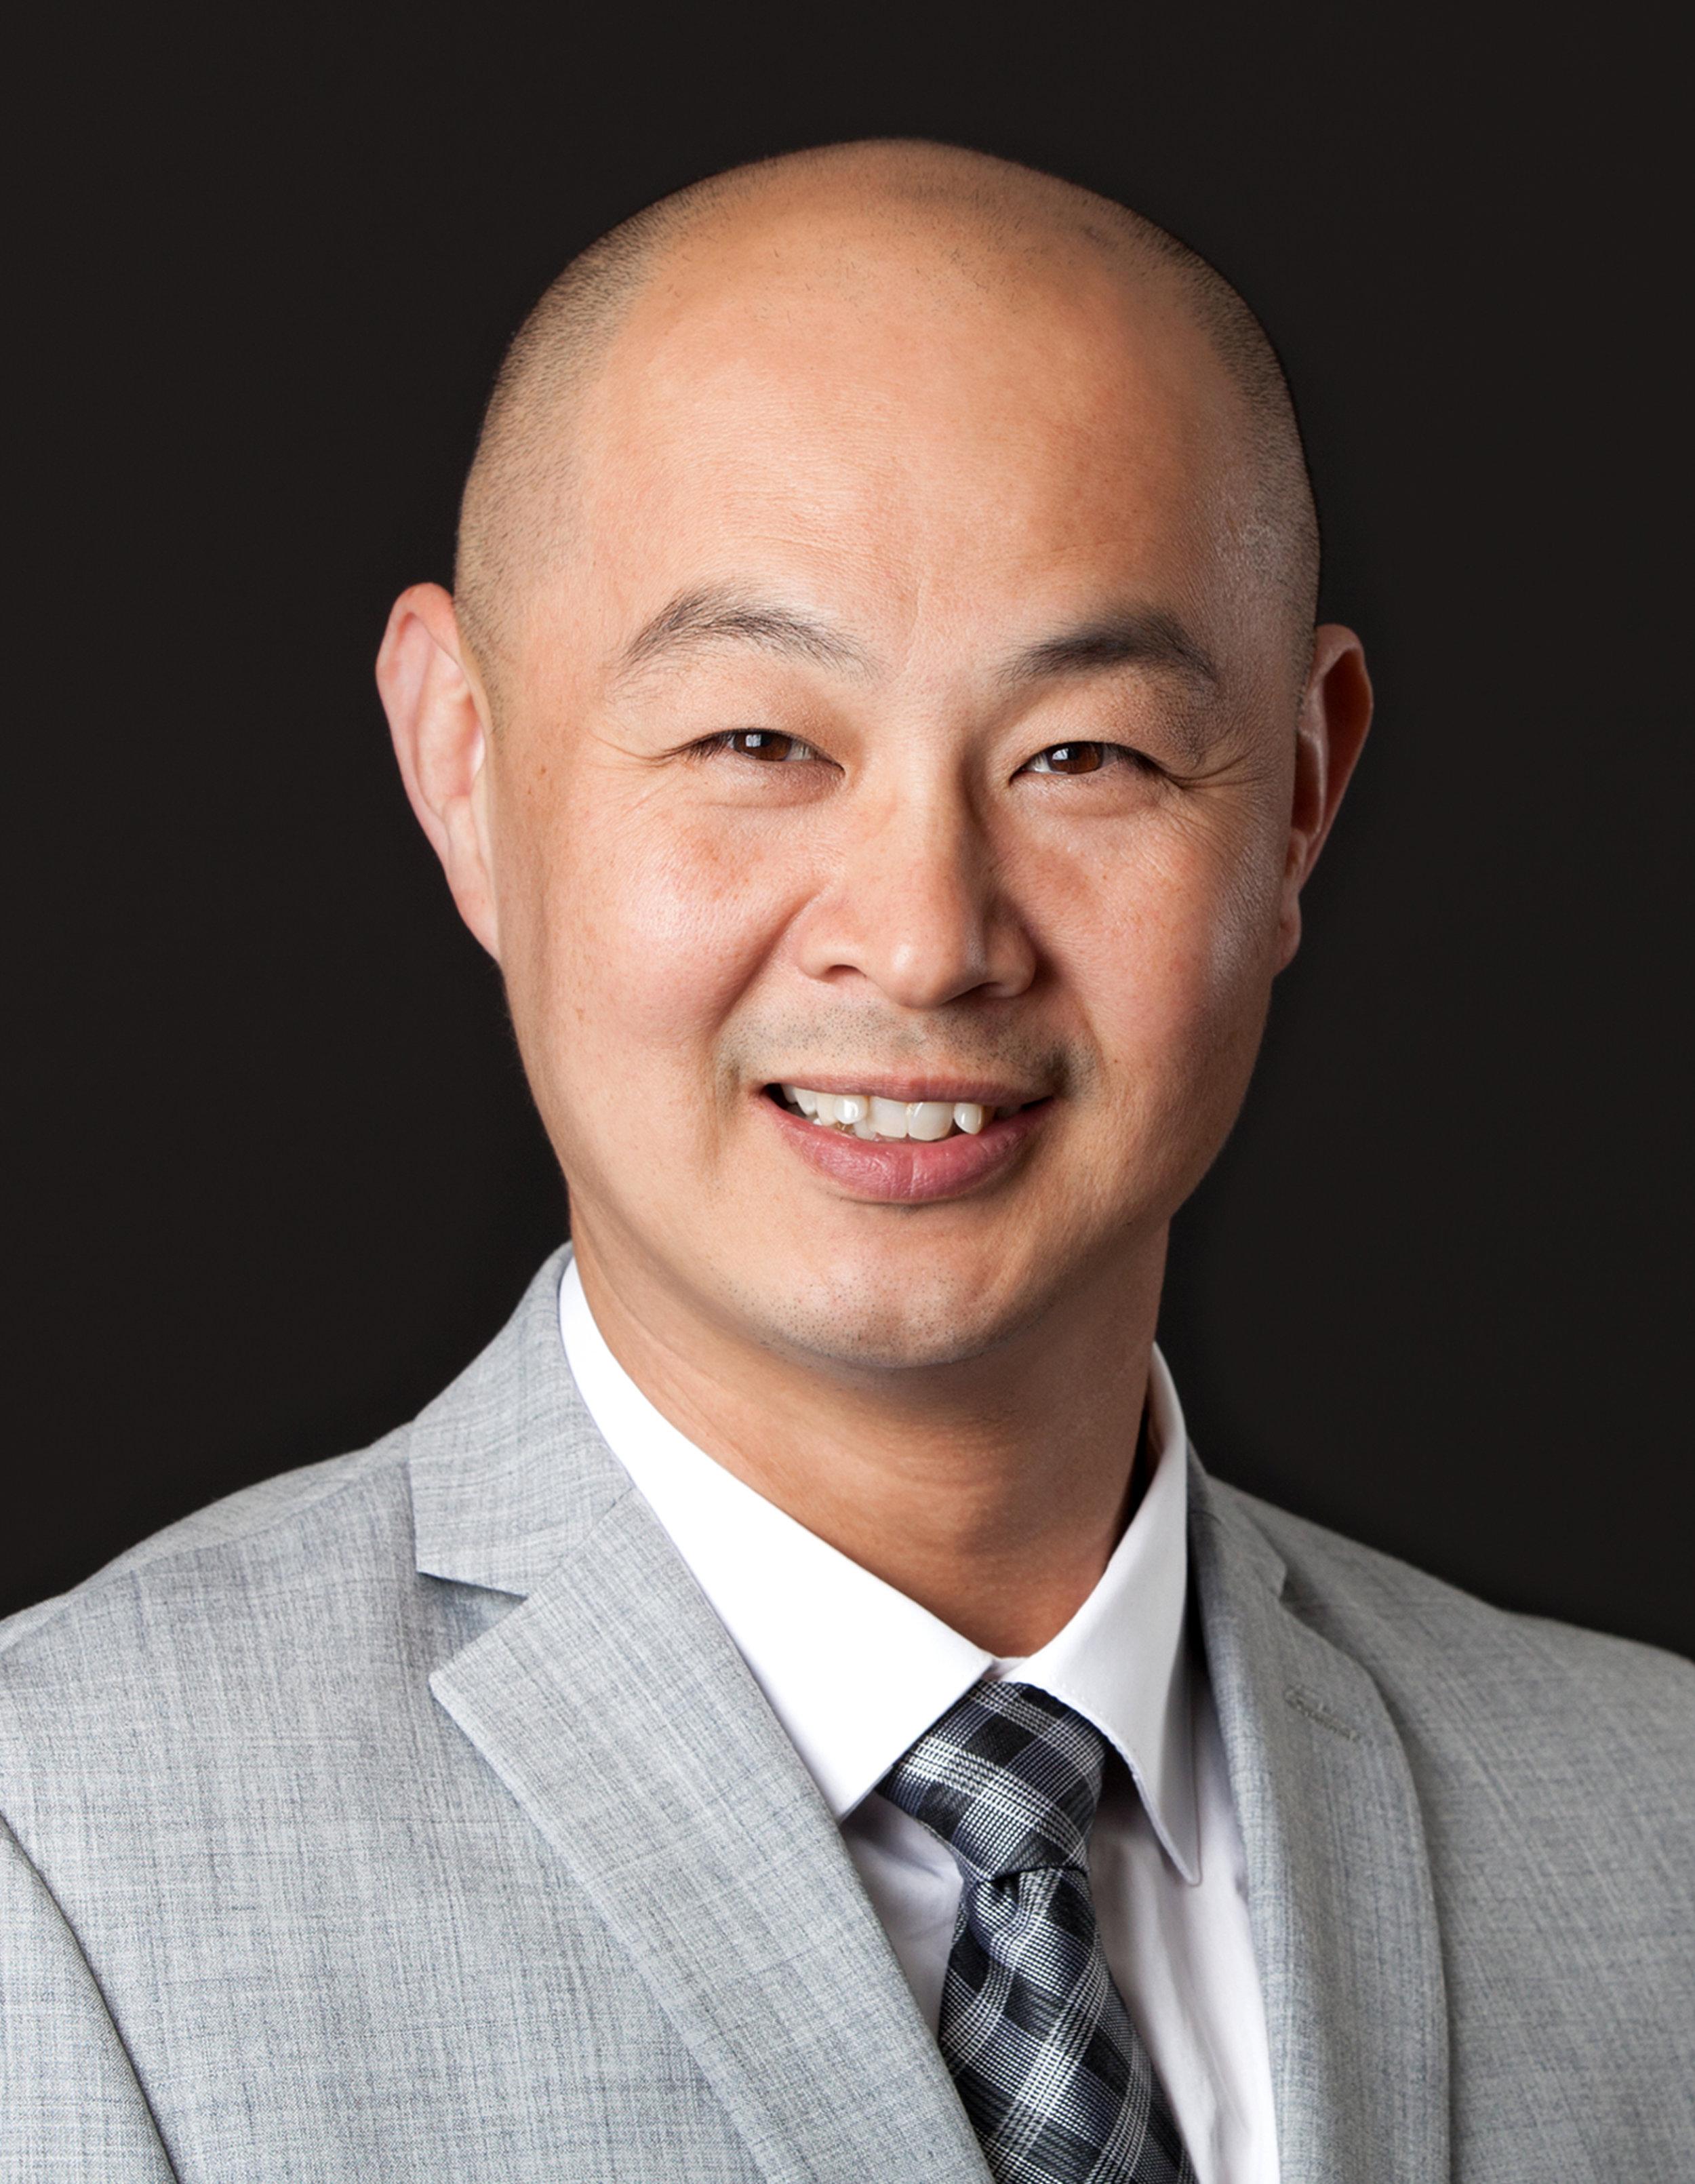 Mike Duong